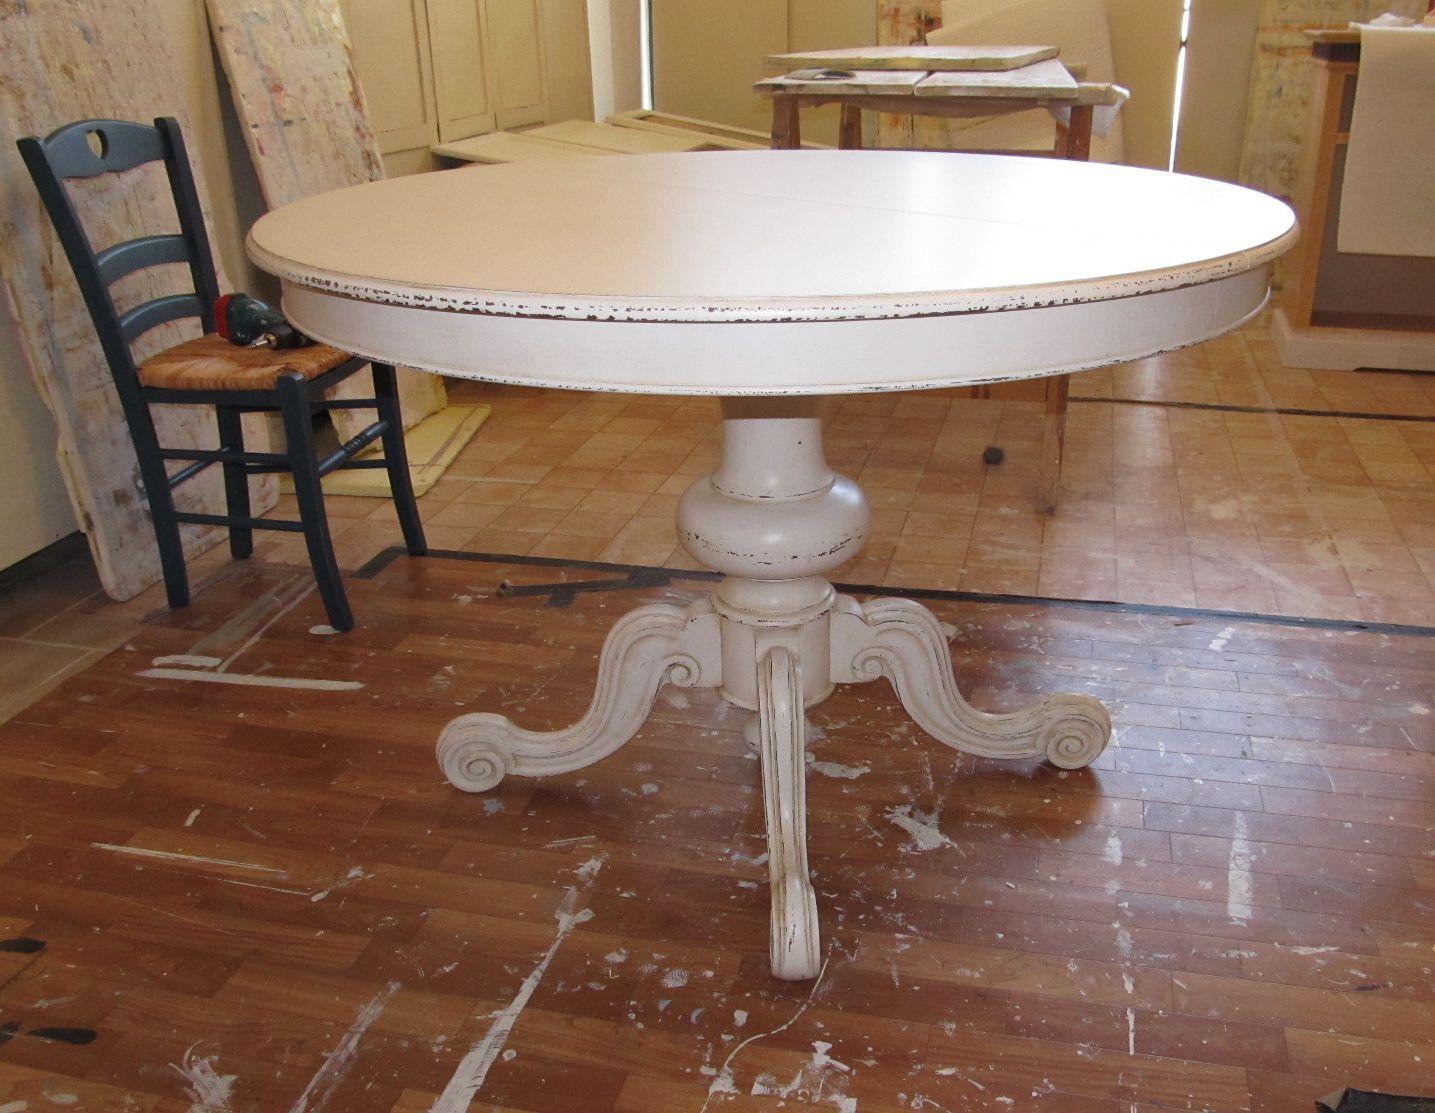 Tavolo Tondo Bianco Shabby.Tavolo Rotondo Shabby Con Gamba Centrale Lavorata Tavoli